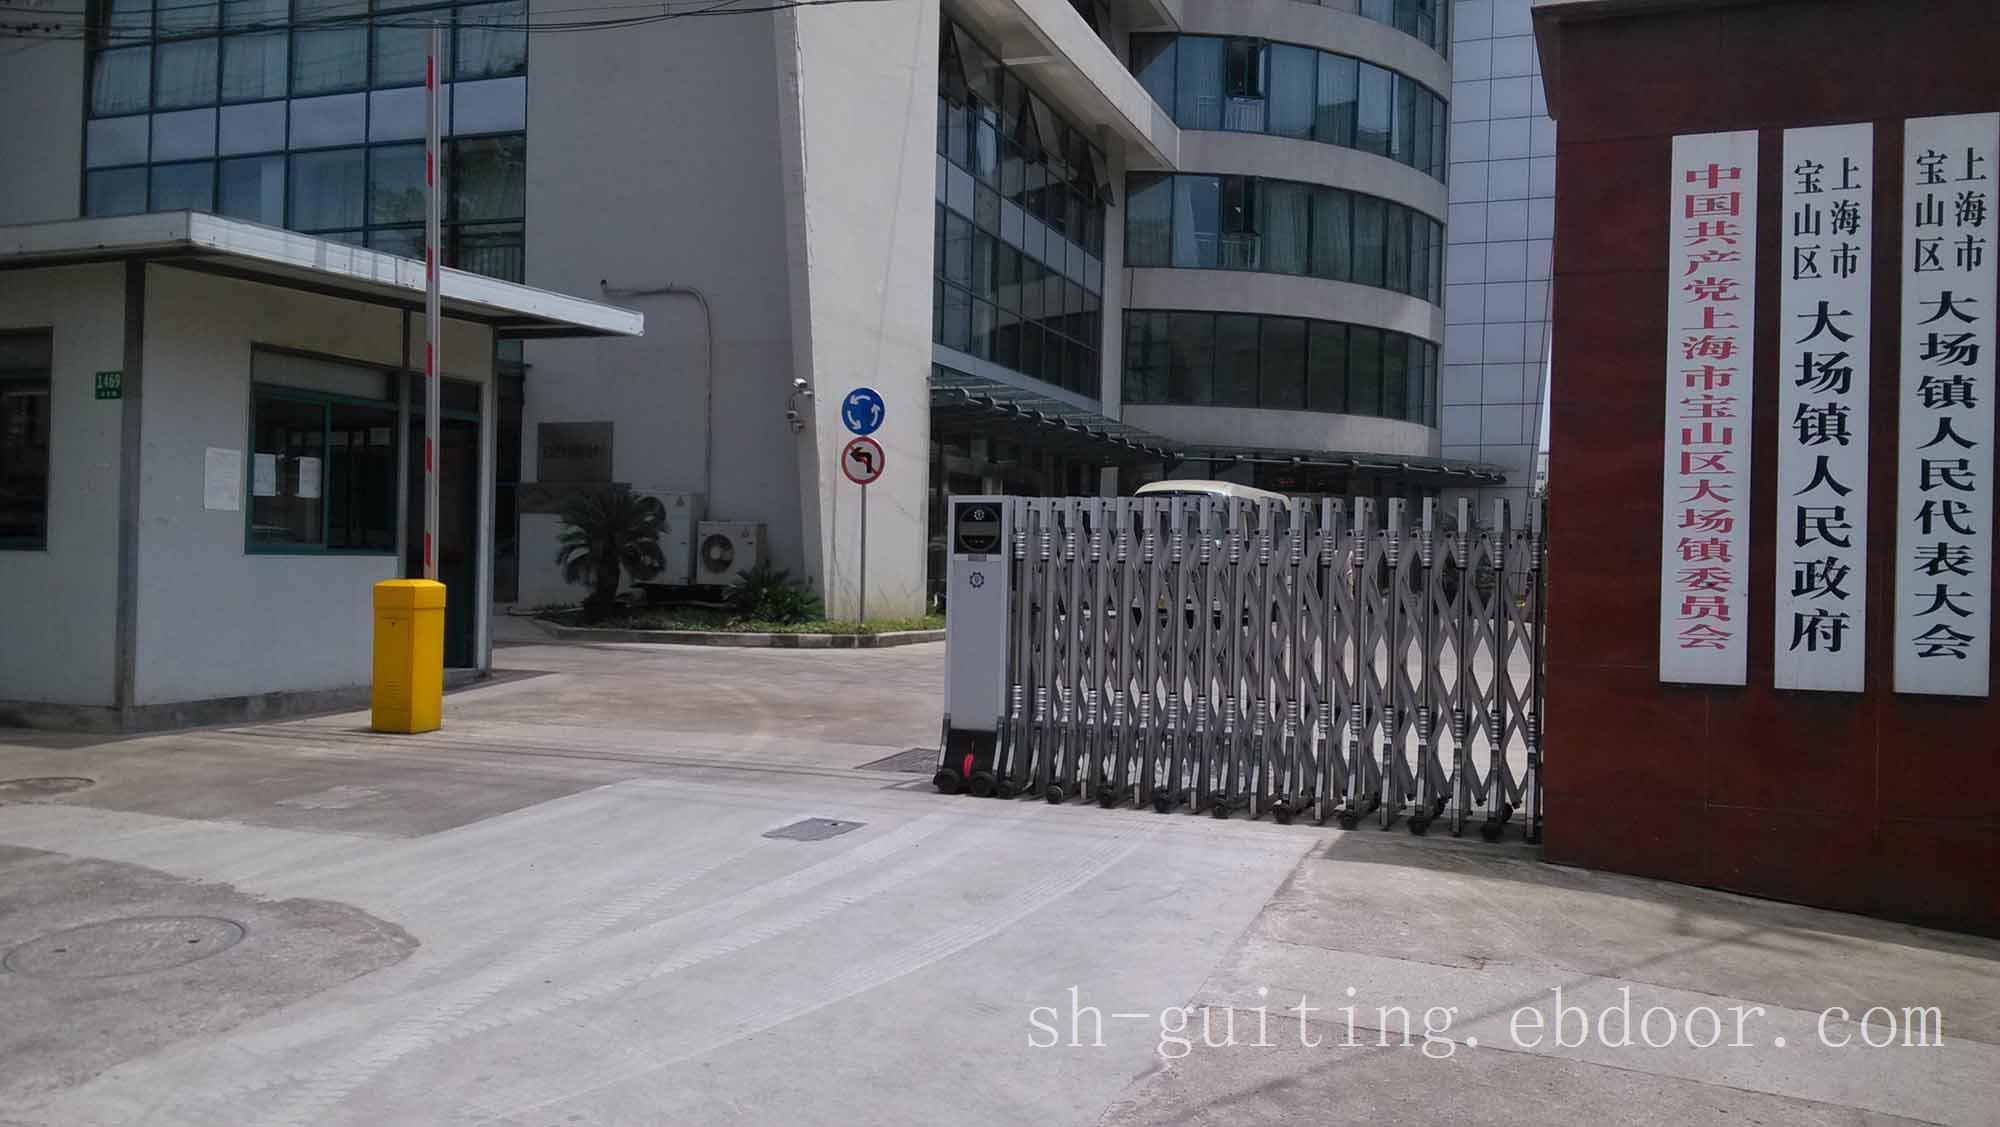 上海市宝山区大场镇人民政府